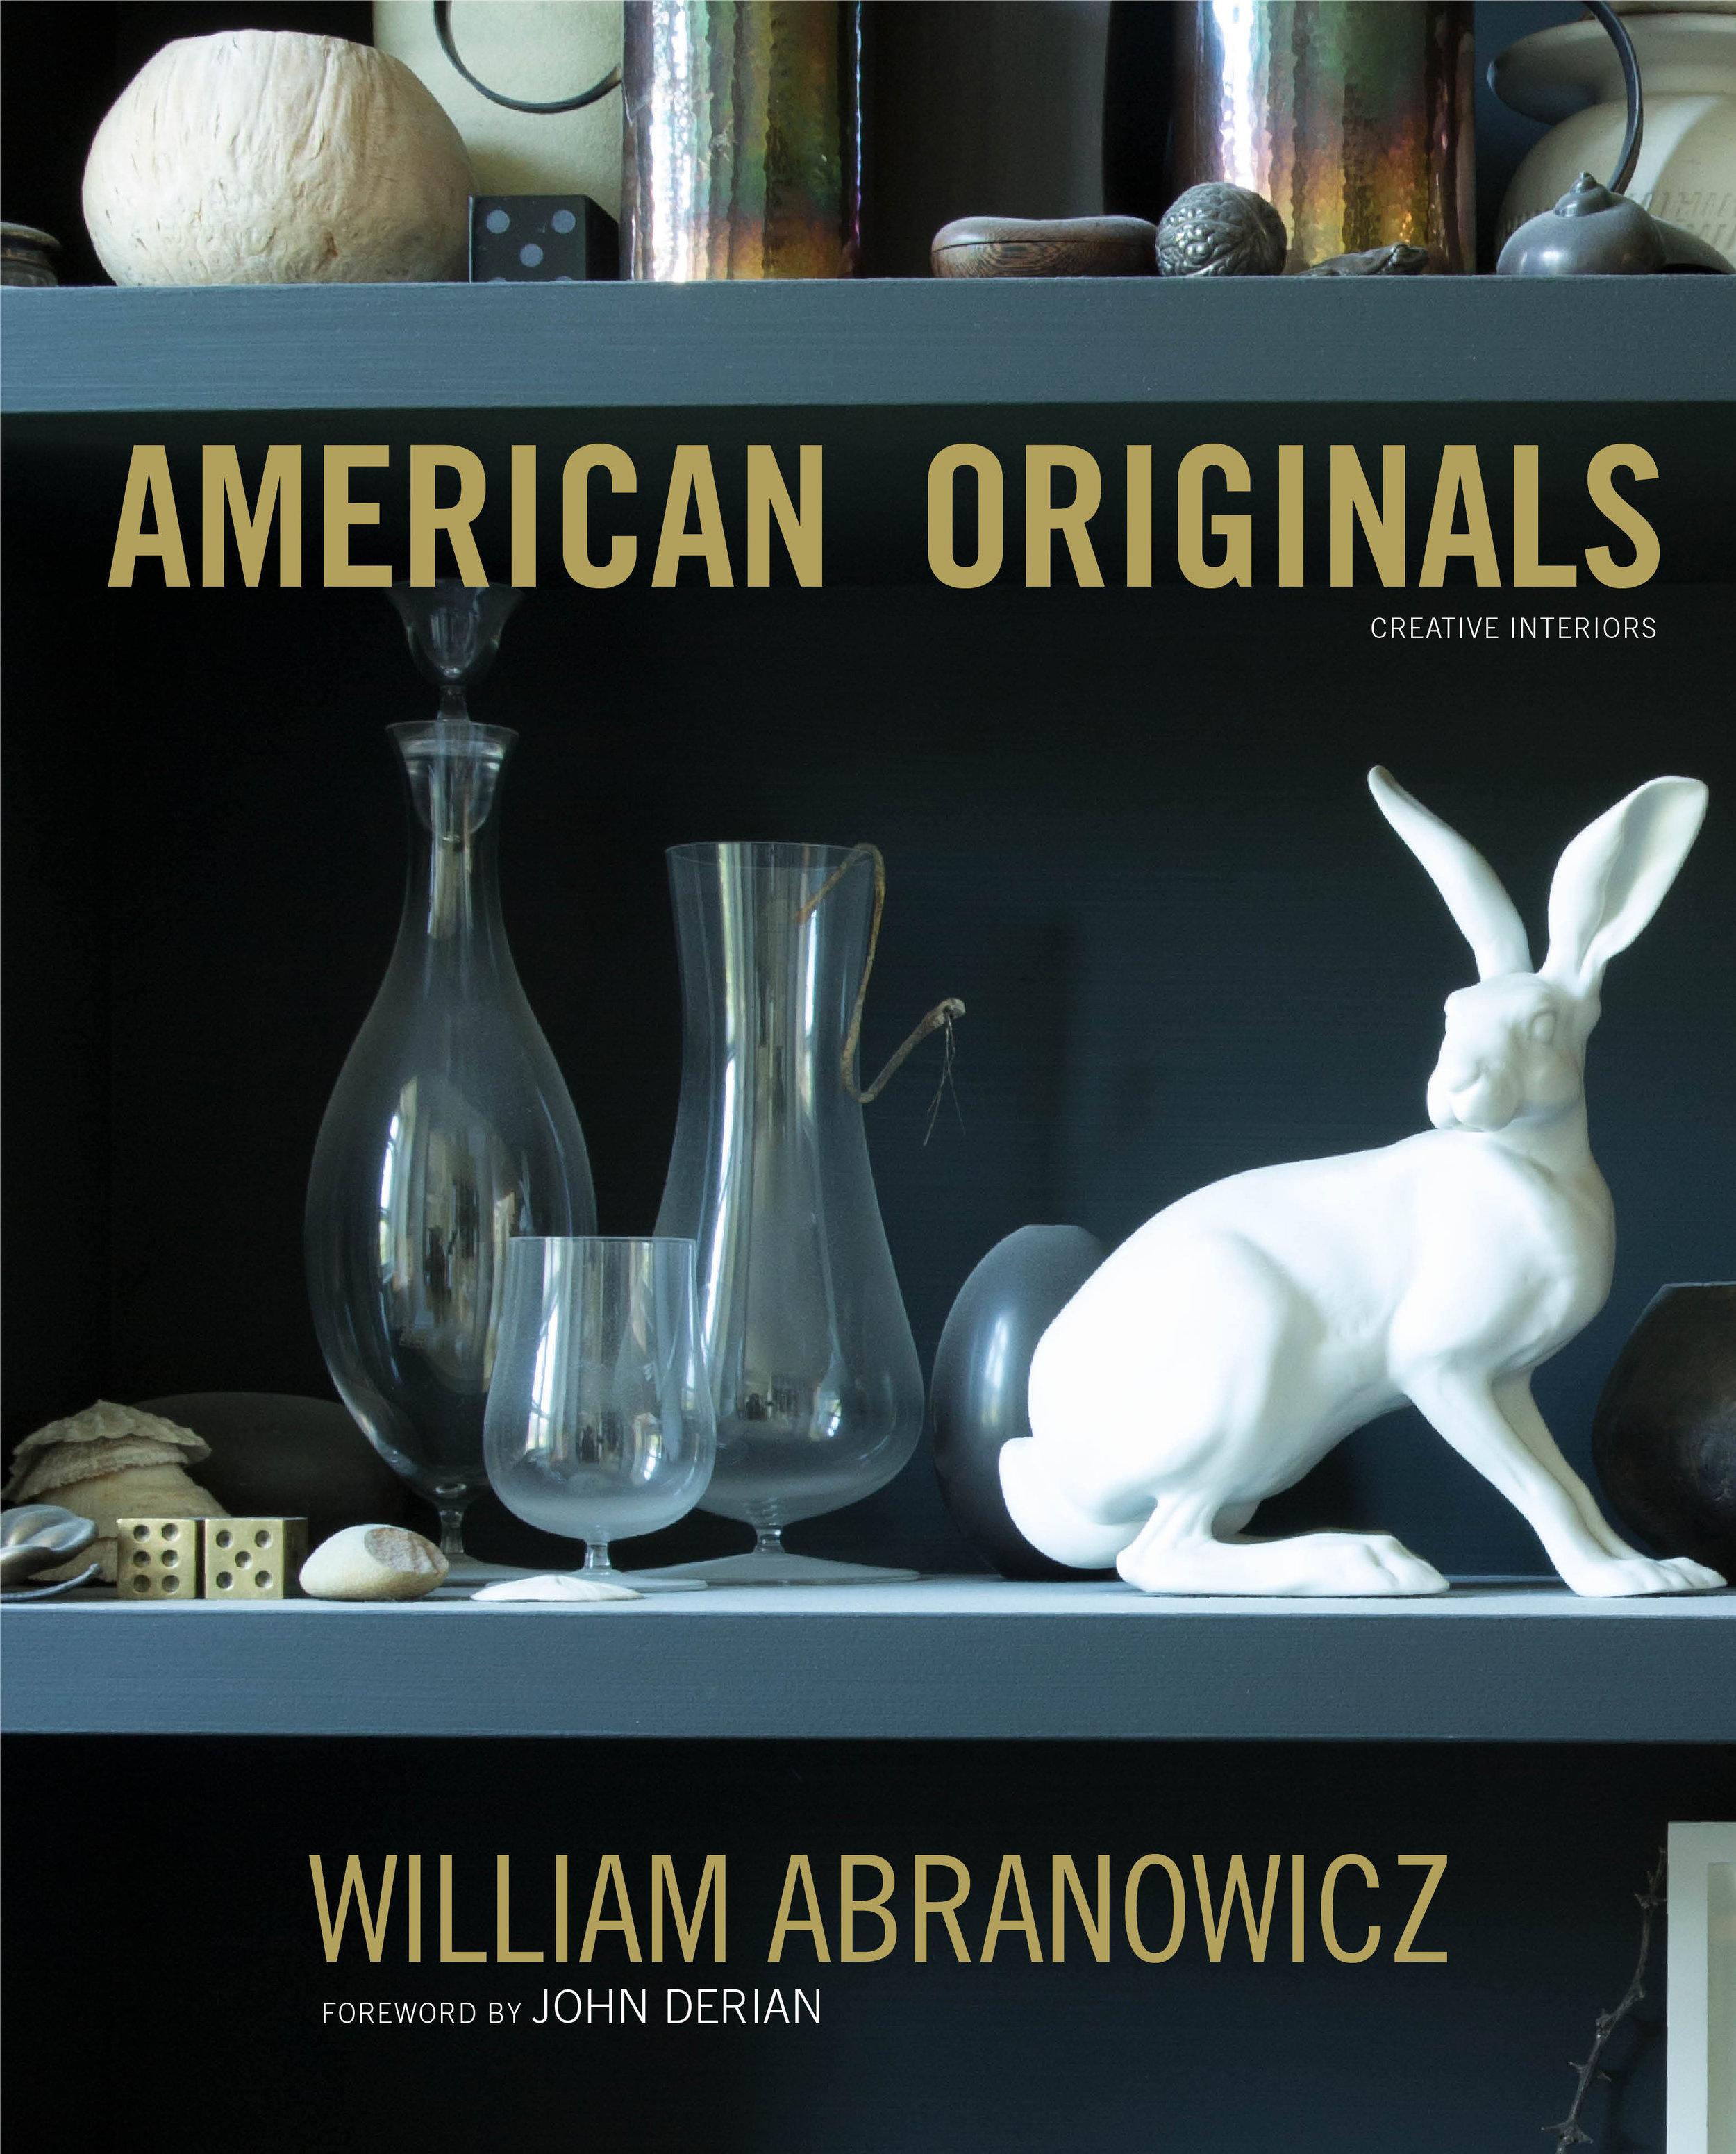 American Originals cvr 013118.jpg